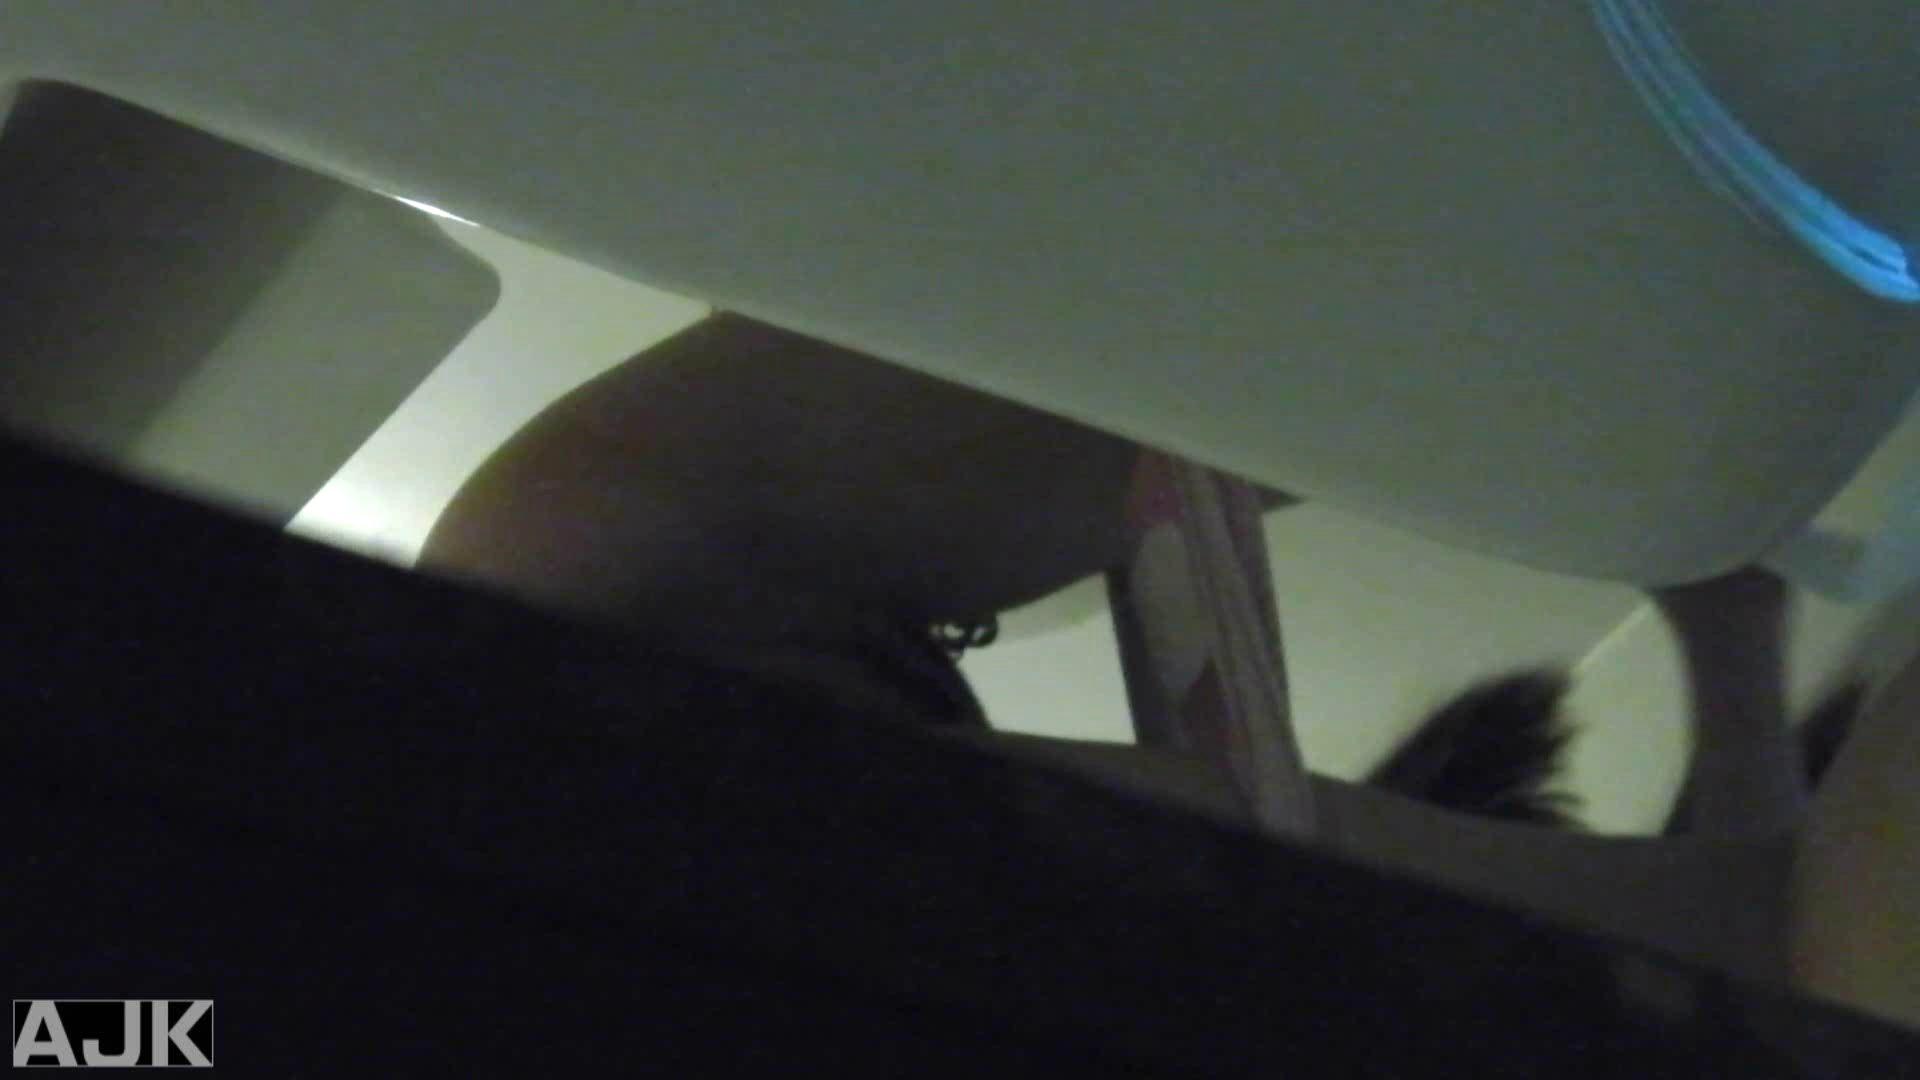 隣国上階級エリアの令嬢たちが集うデパートお手洗い Vol.25 洗面所 オマンコ無修正動画無料 105画像 2